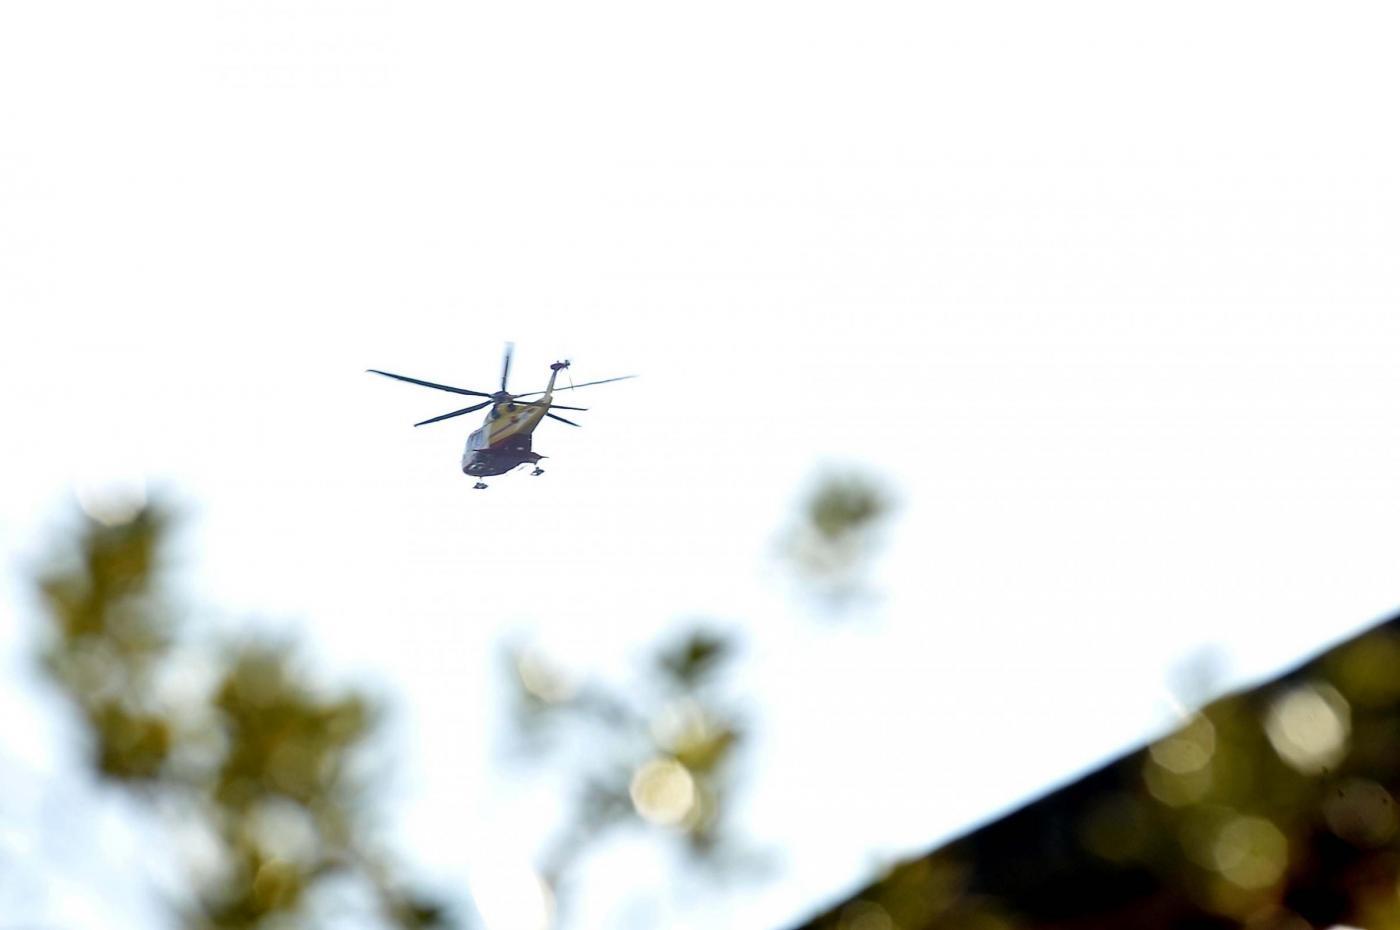 Maltempo in Abruzzo, cade elicottero del 118: terminate le ricerche